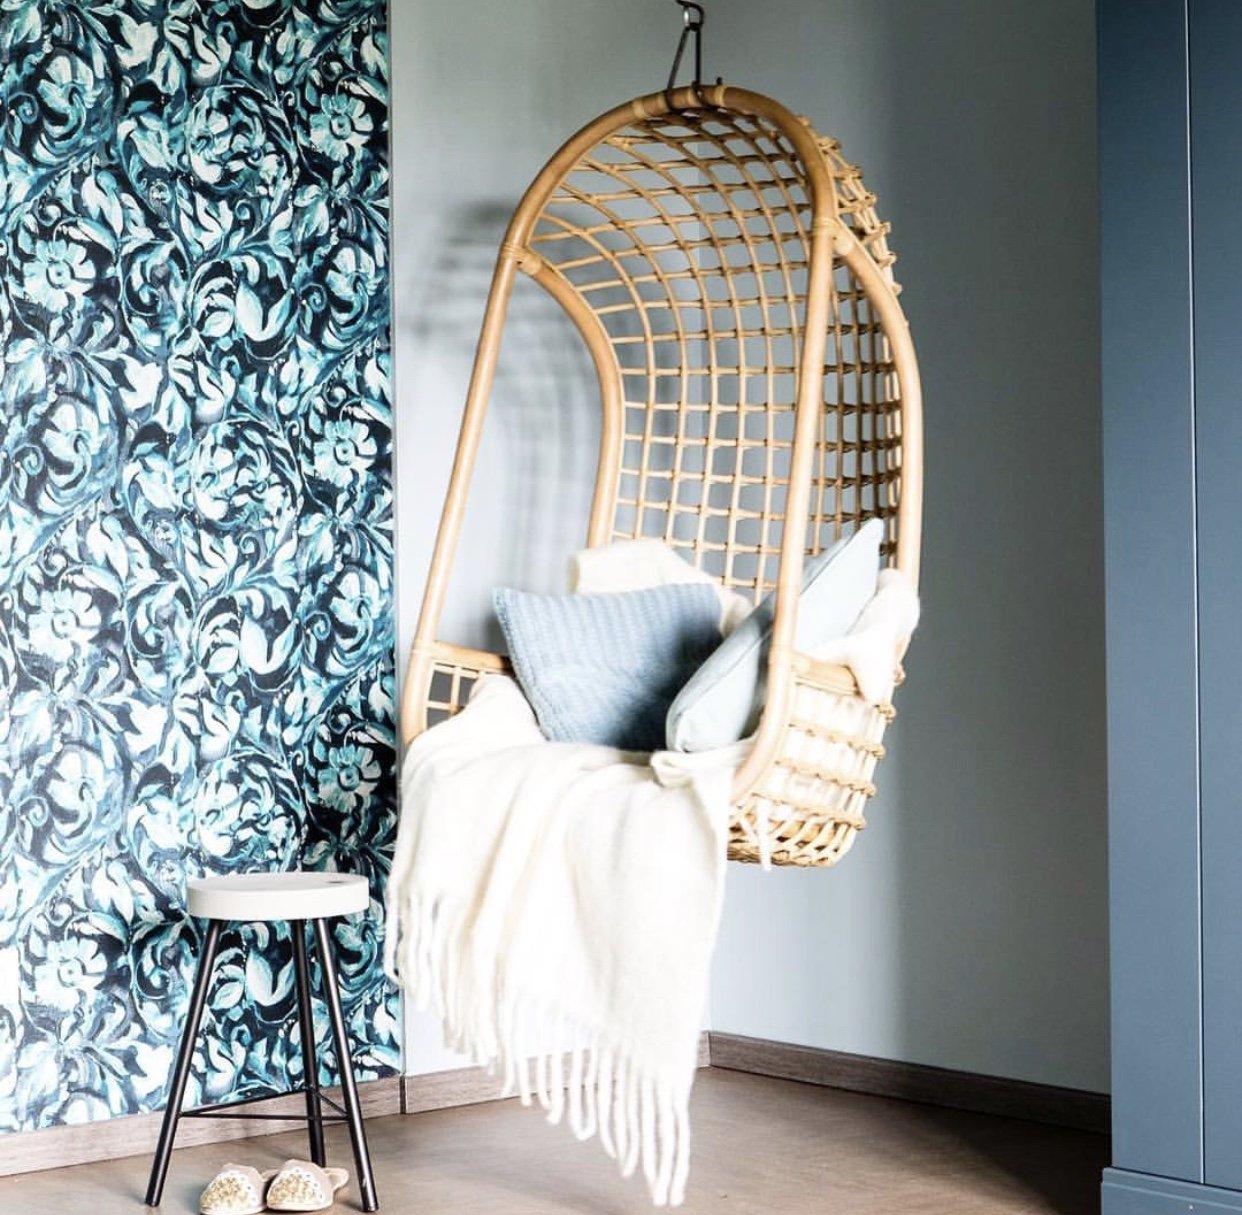 Cadeira suspensa, vime natural, 72x110 cm